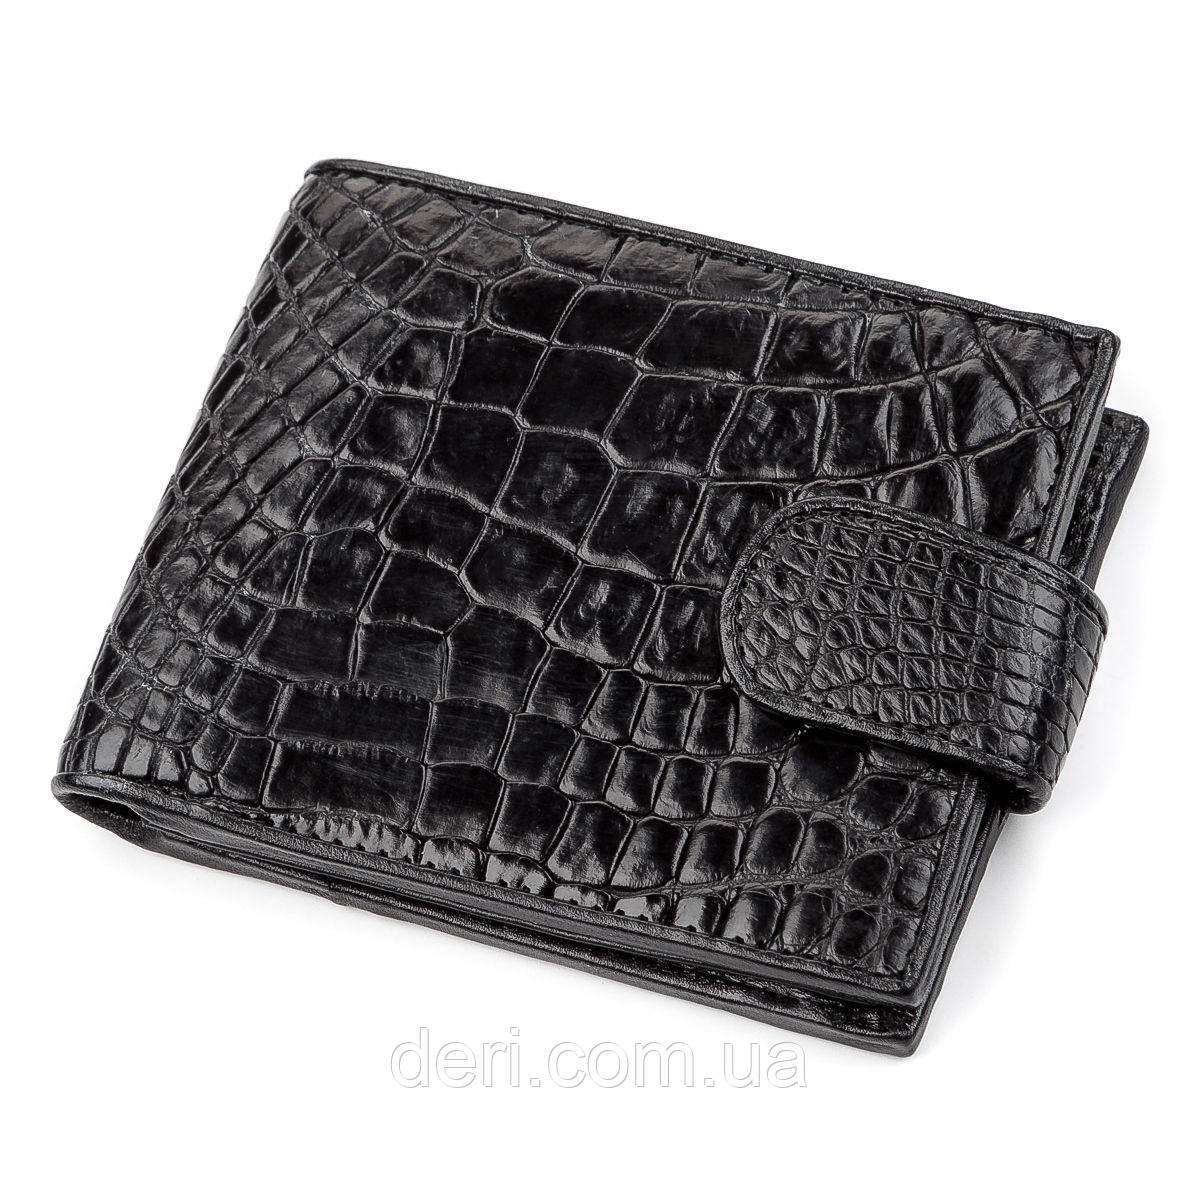 Кошелек из натуральной кожи крокодила, Черный